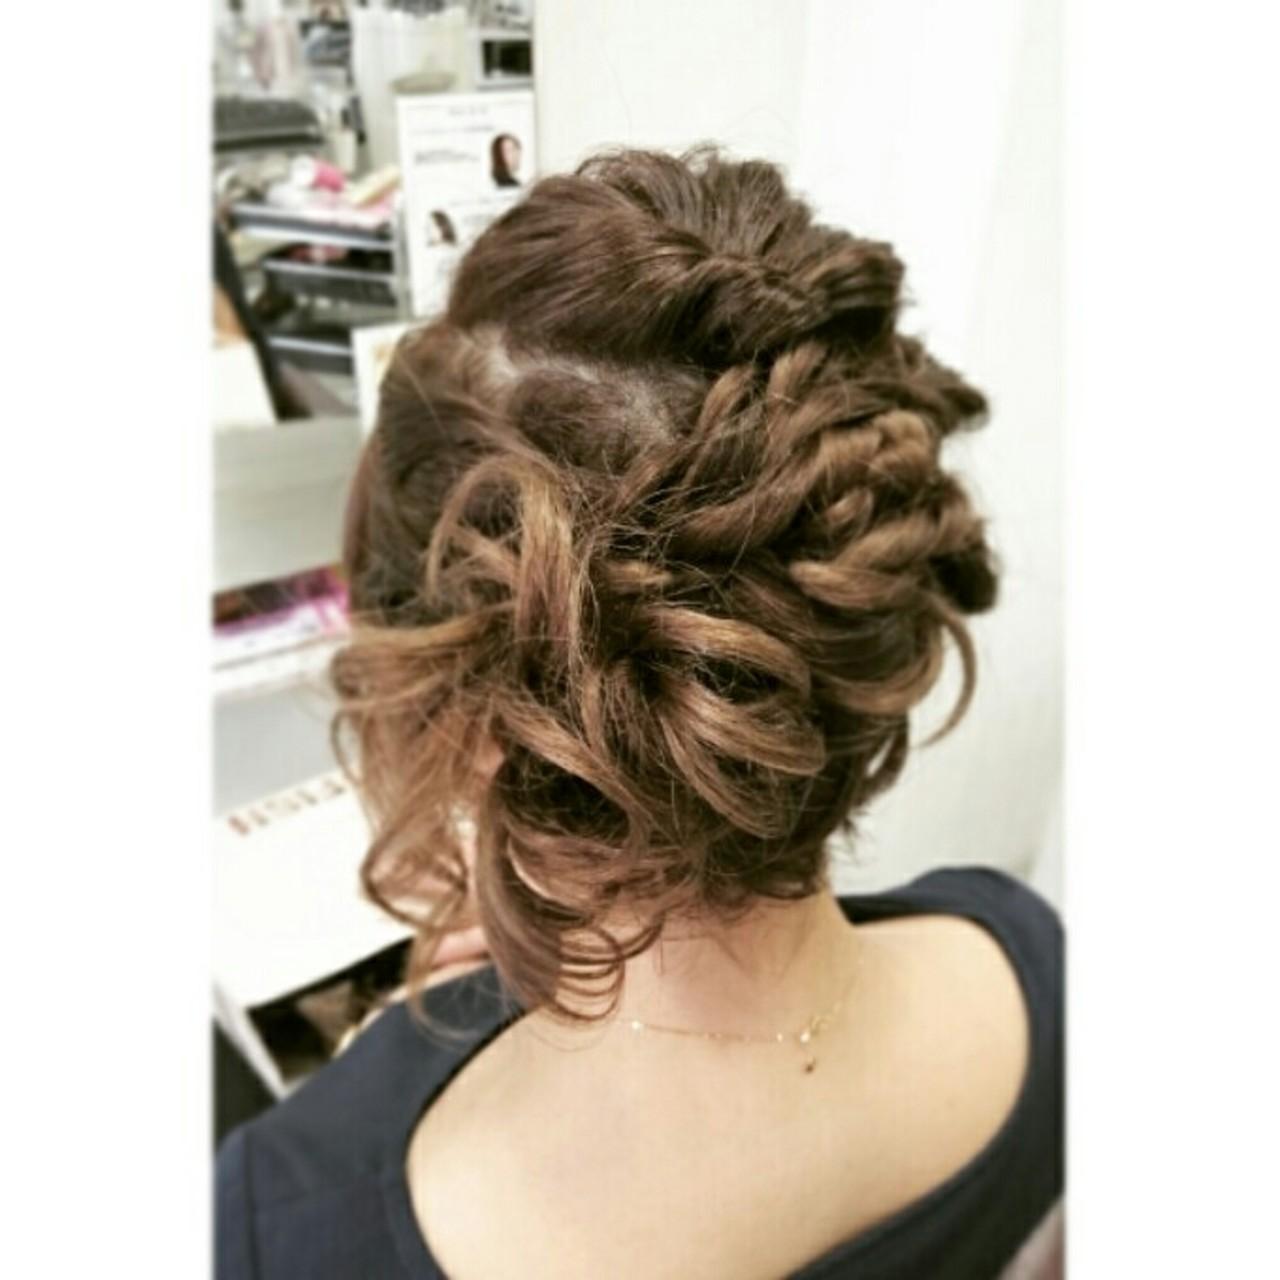 フェミニン ゆるふわ くるりんぱ ヘアアレンジ ヘアスタイルや髪型の写真・画像 | チエ / 美容室ヘアーカントー